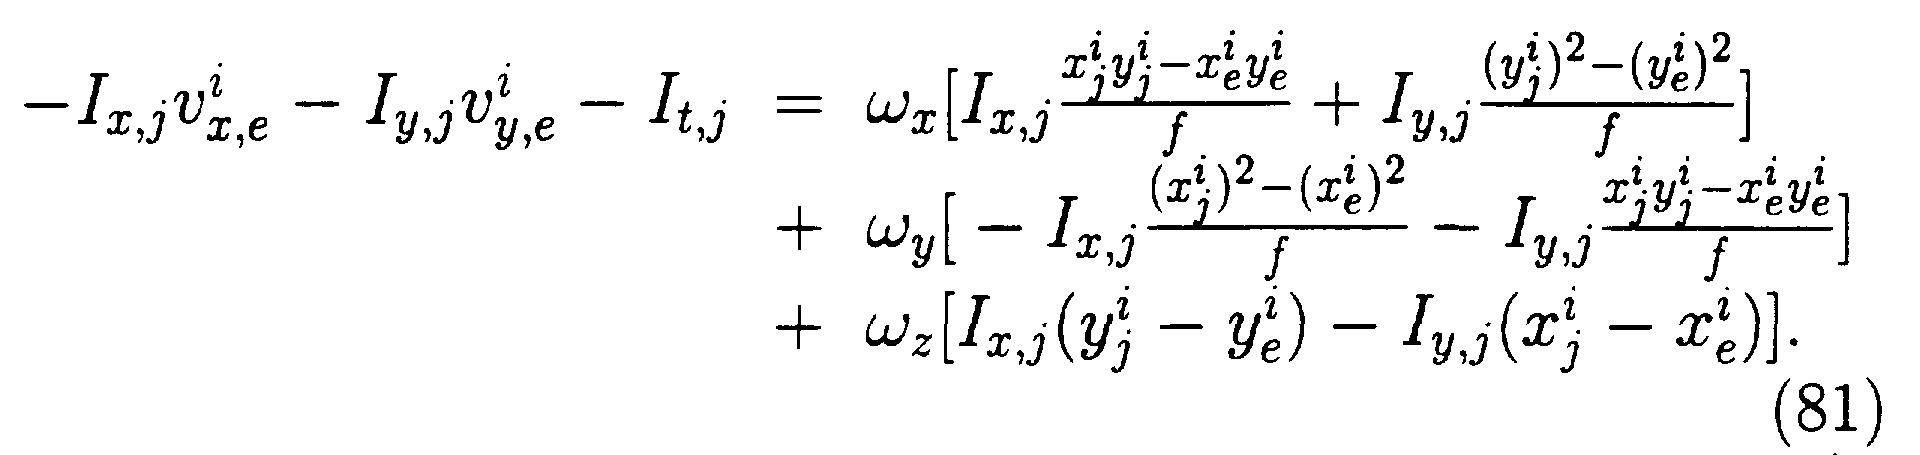 Figure imgf000079_0009